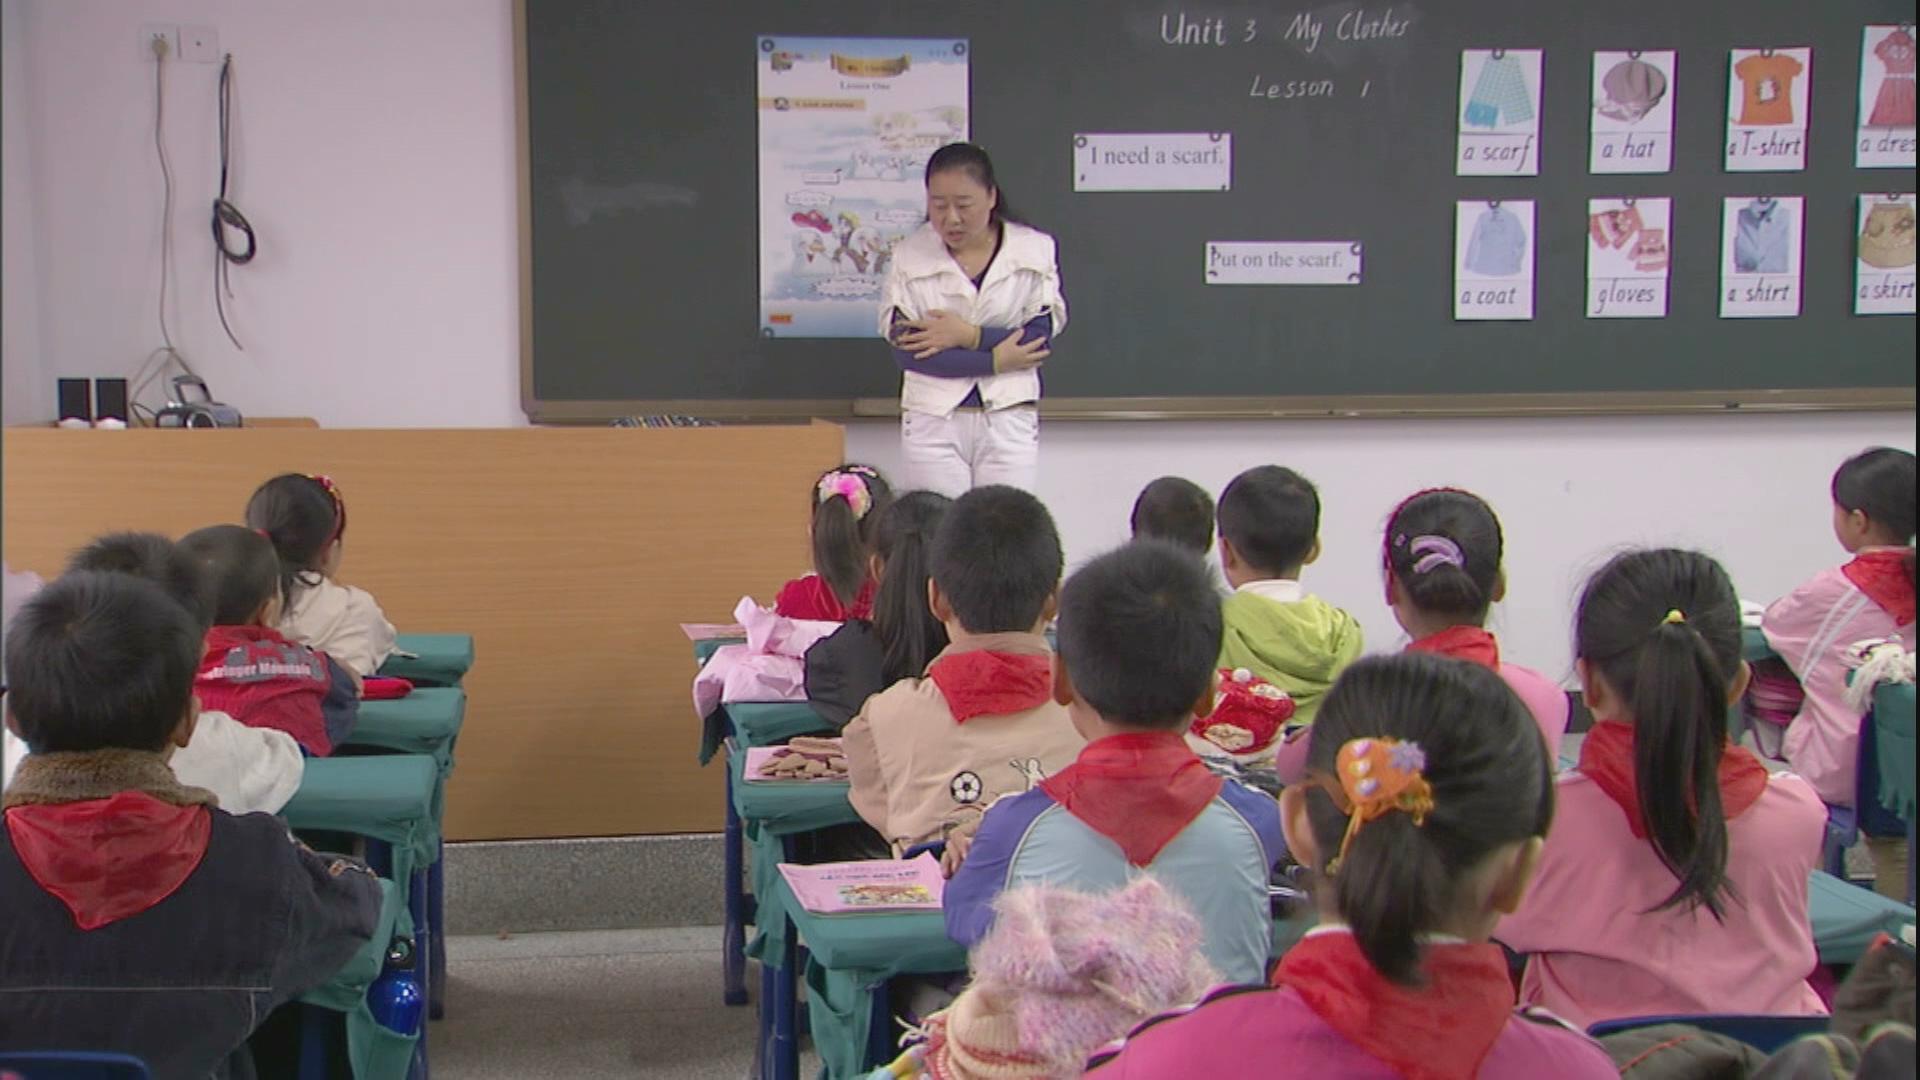 小学生上英语课高清实拍视频素材